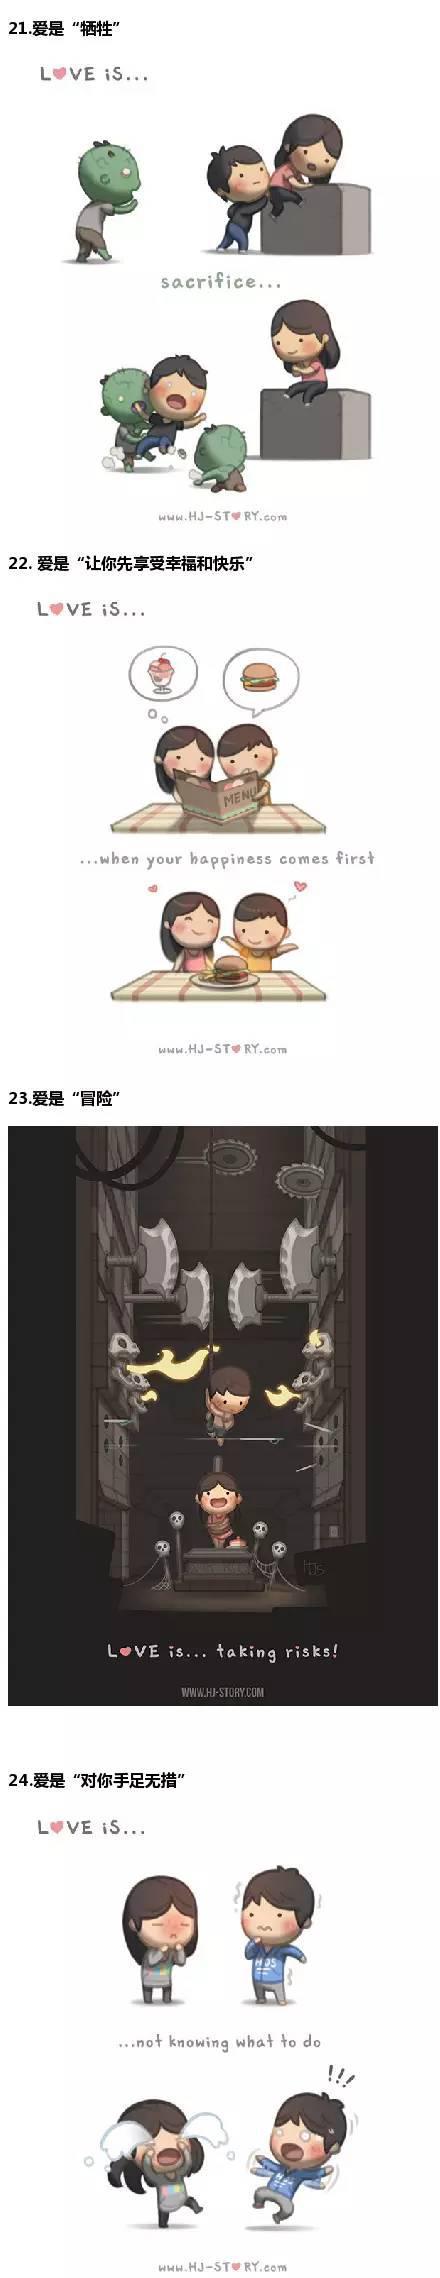 暖心英文小漫画:爱是什么?(图)